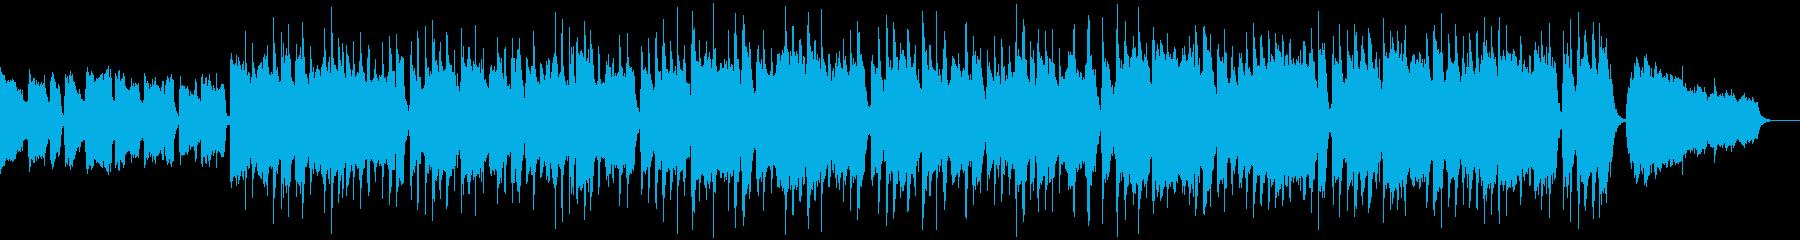 夏を感じる、ほのぼのしたボサノバBGMの再生済みの波形